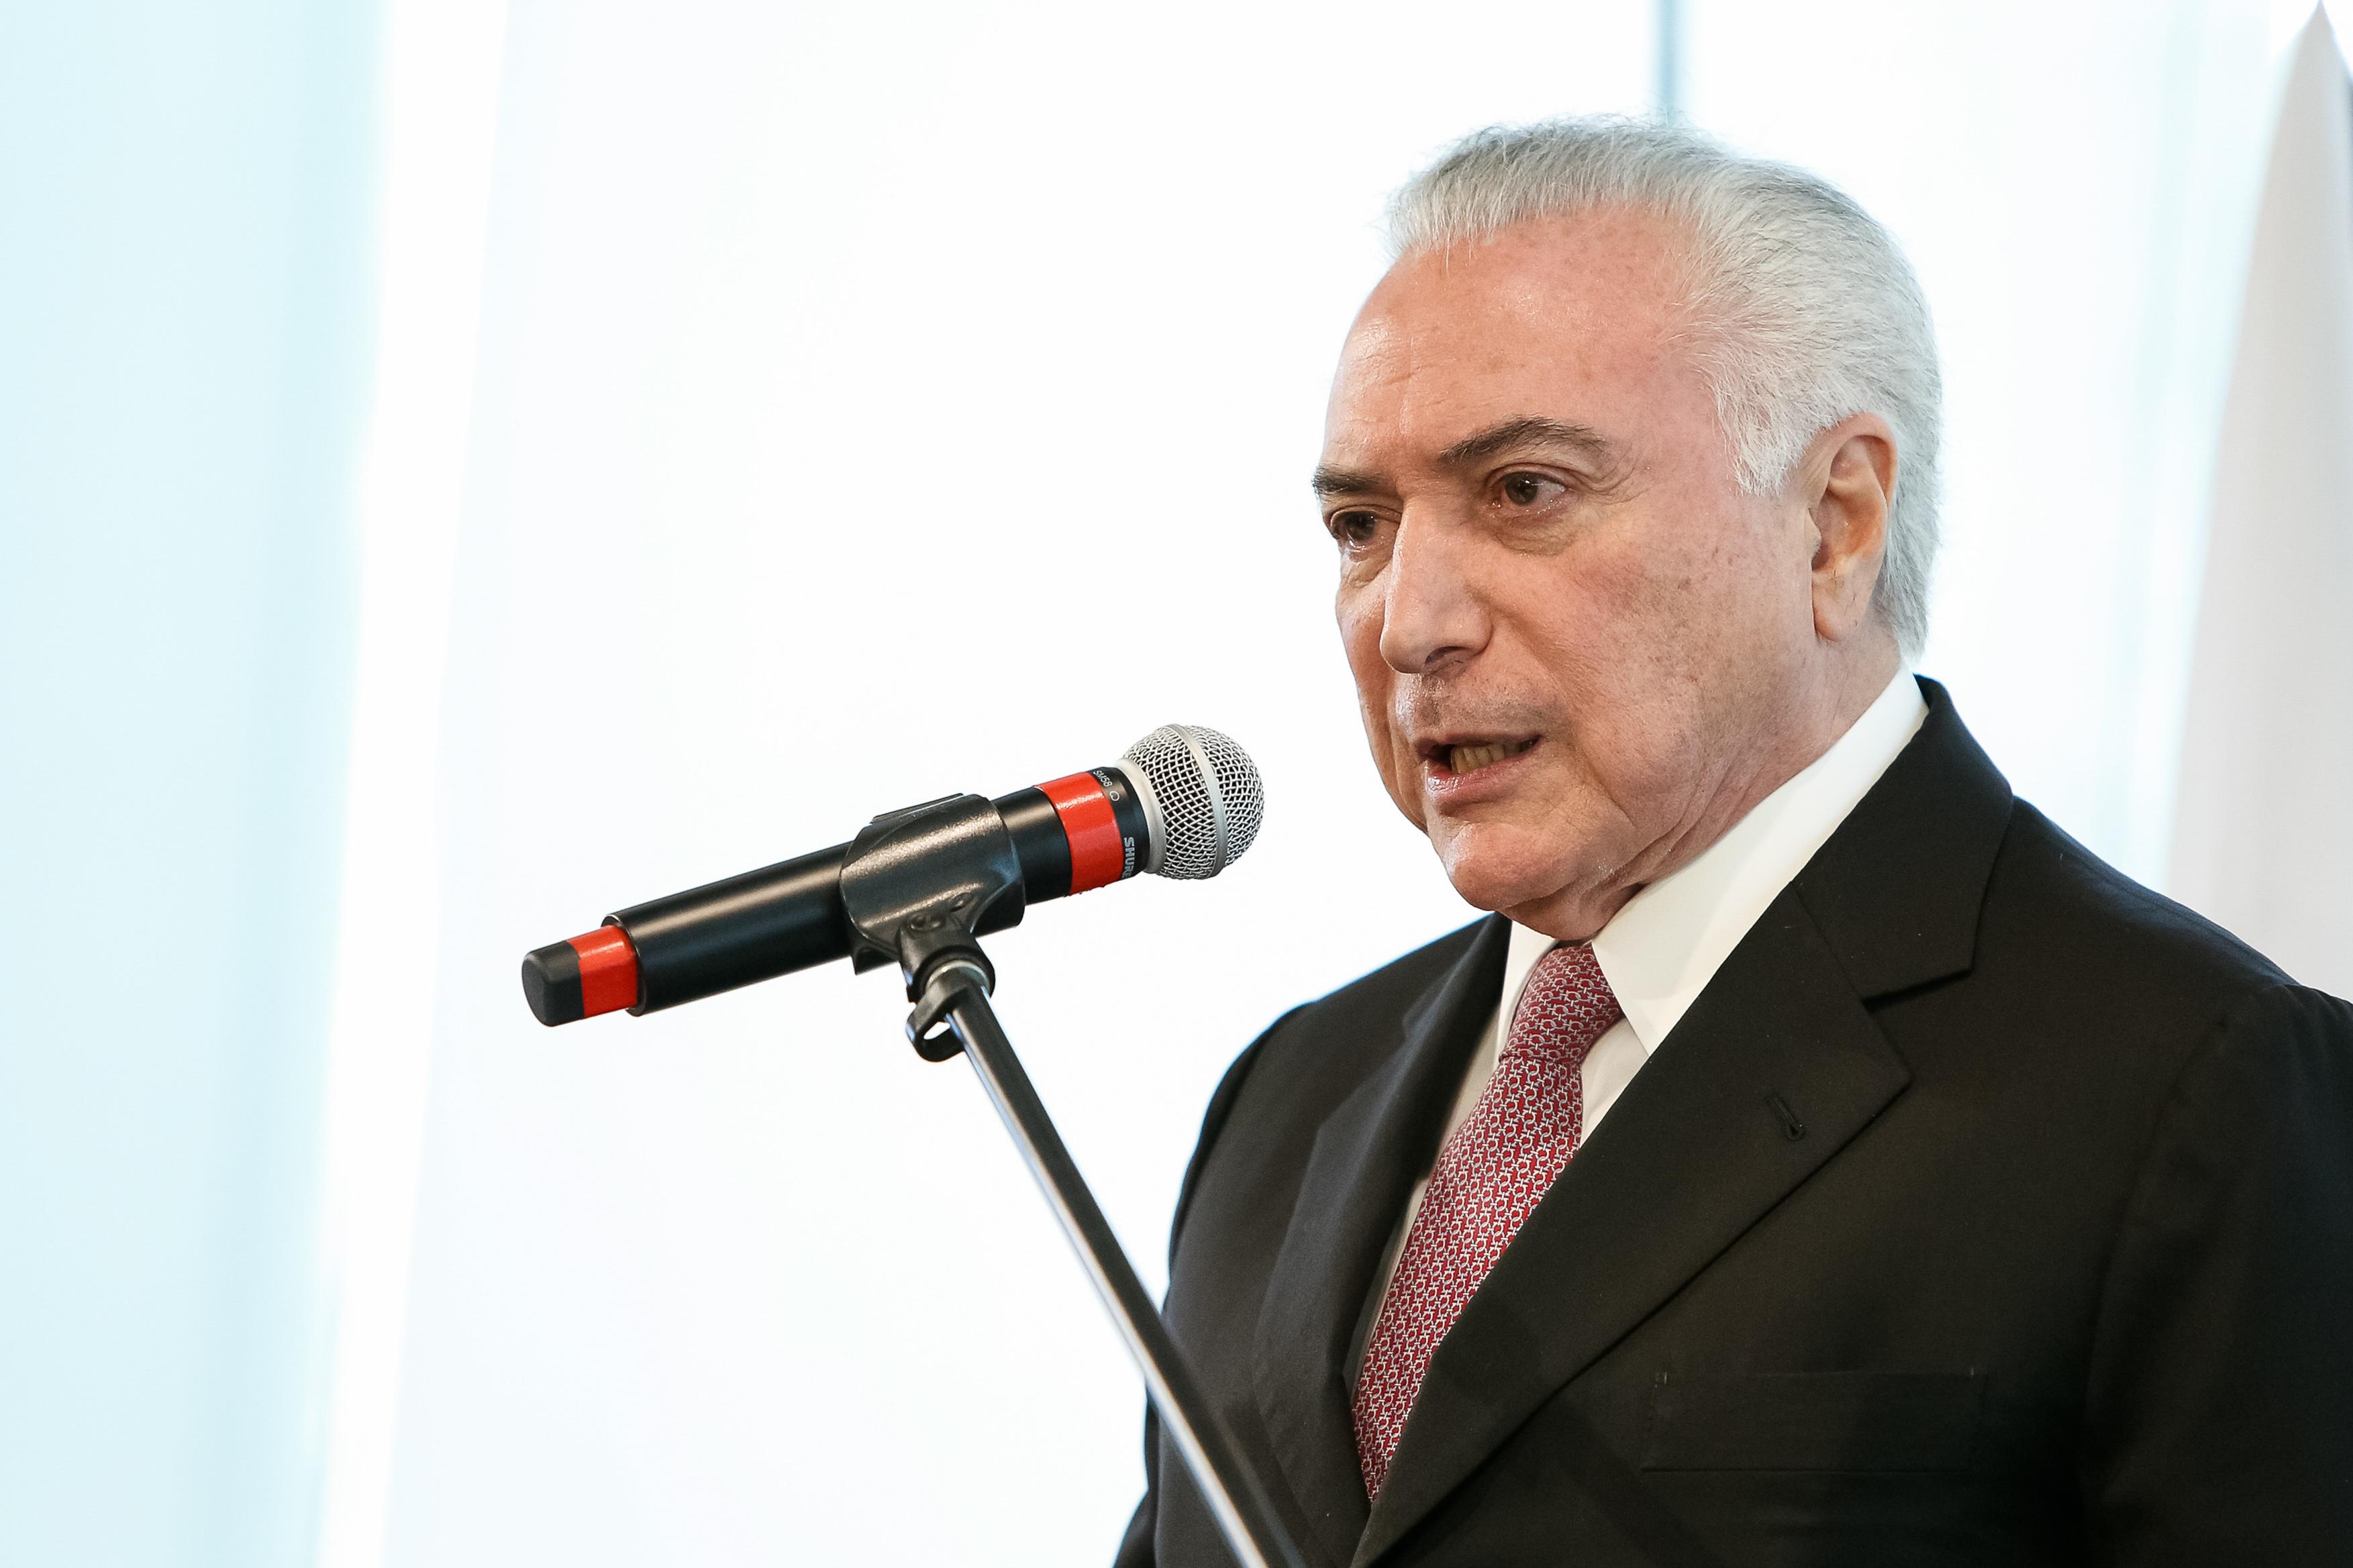 Former Brazil president arrested in corruption investigation